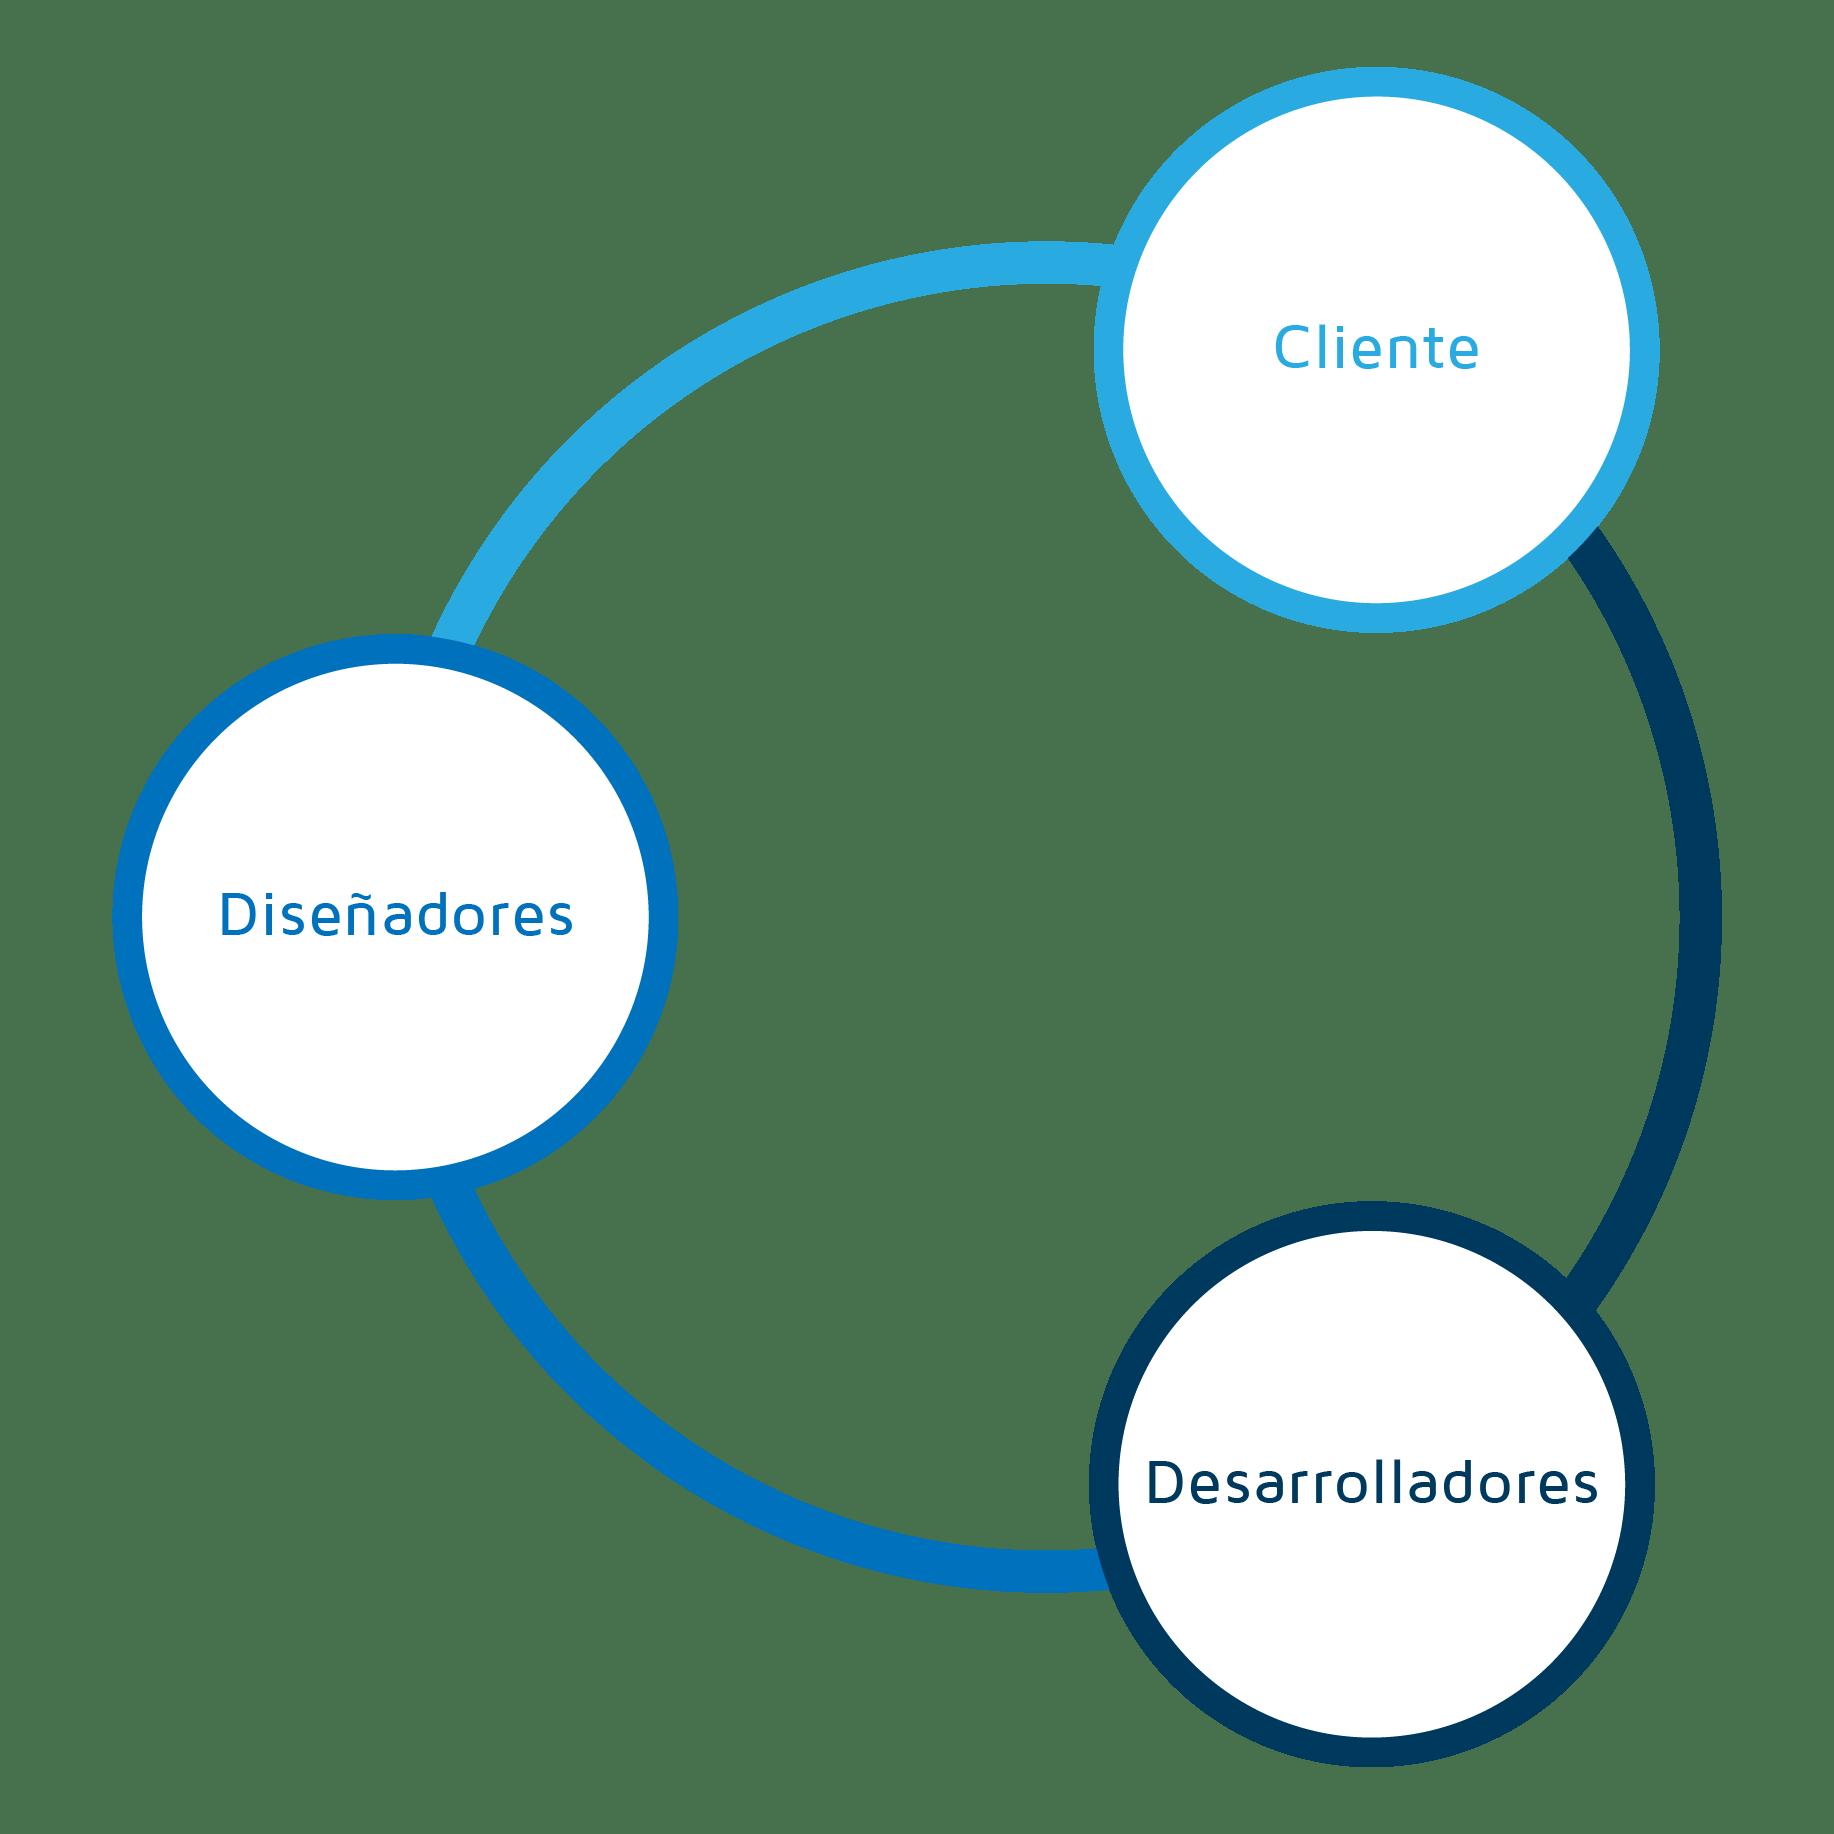 etlinebcn_teamwork